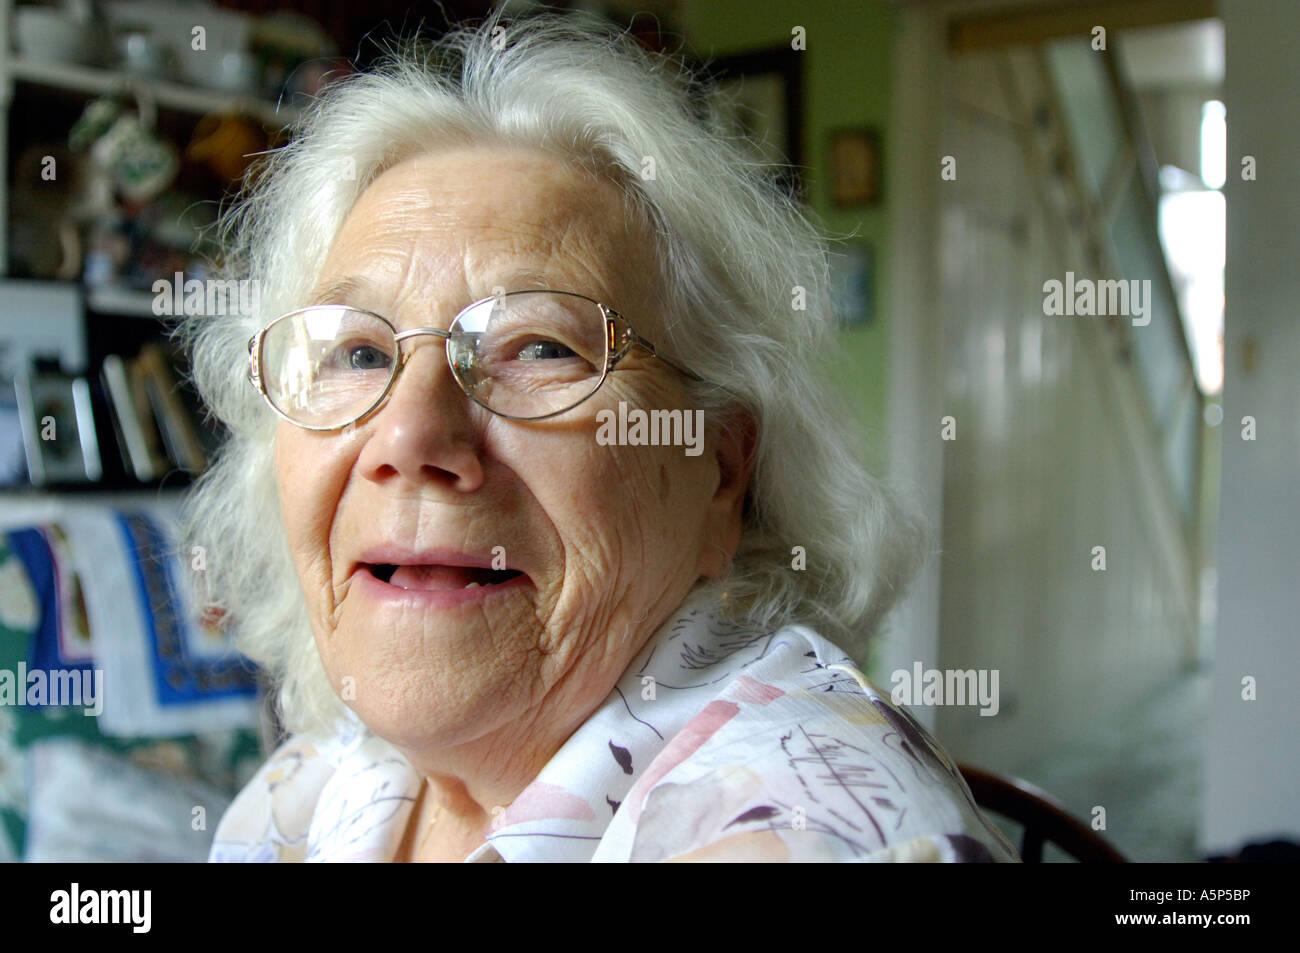 Porträt von glücklich lächelnde britische Rentner in ihrem Haus in London UKStockfoto